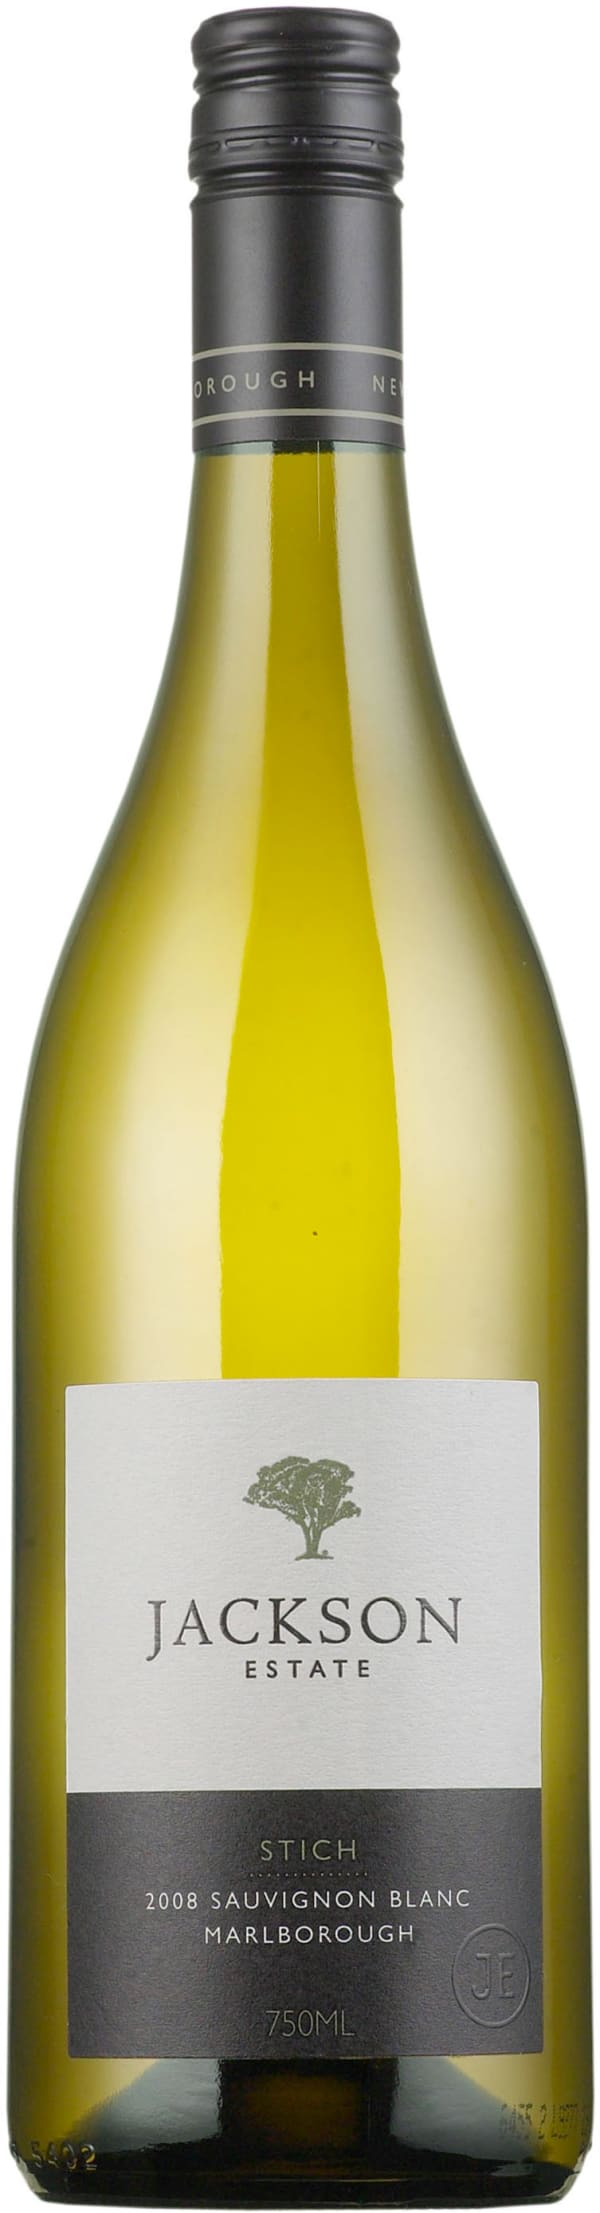 Jackson Estate Stich Sauvignon Blanc 2017